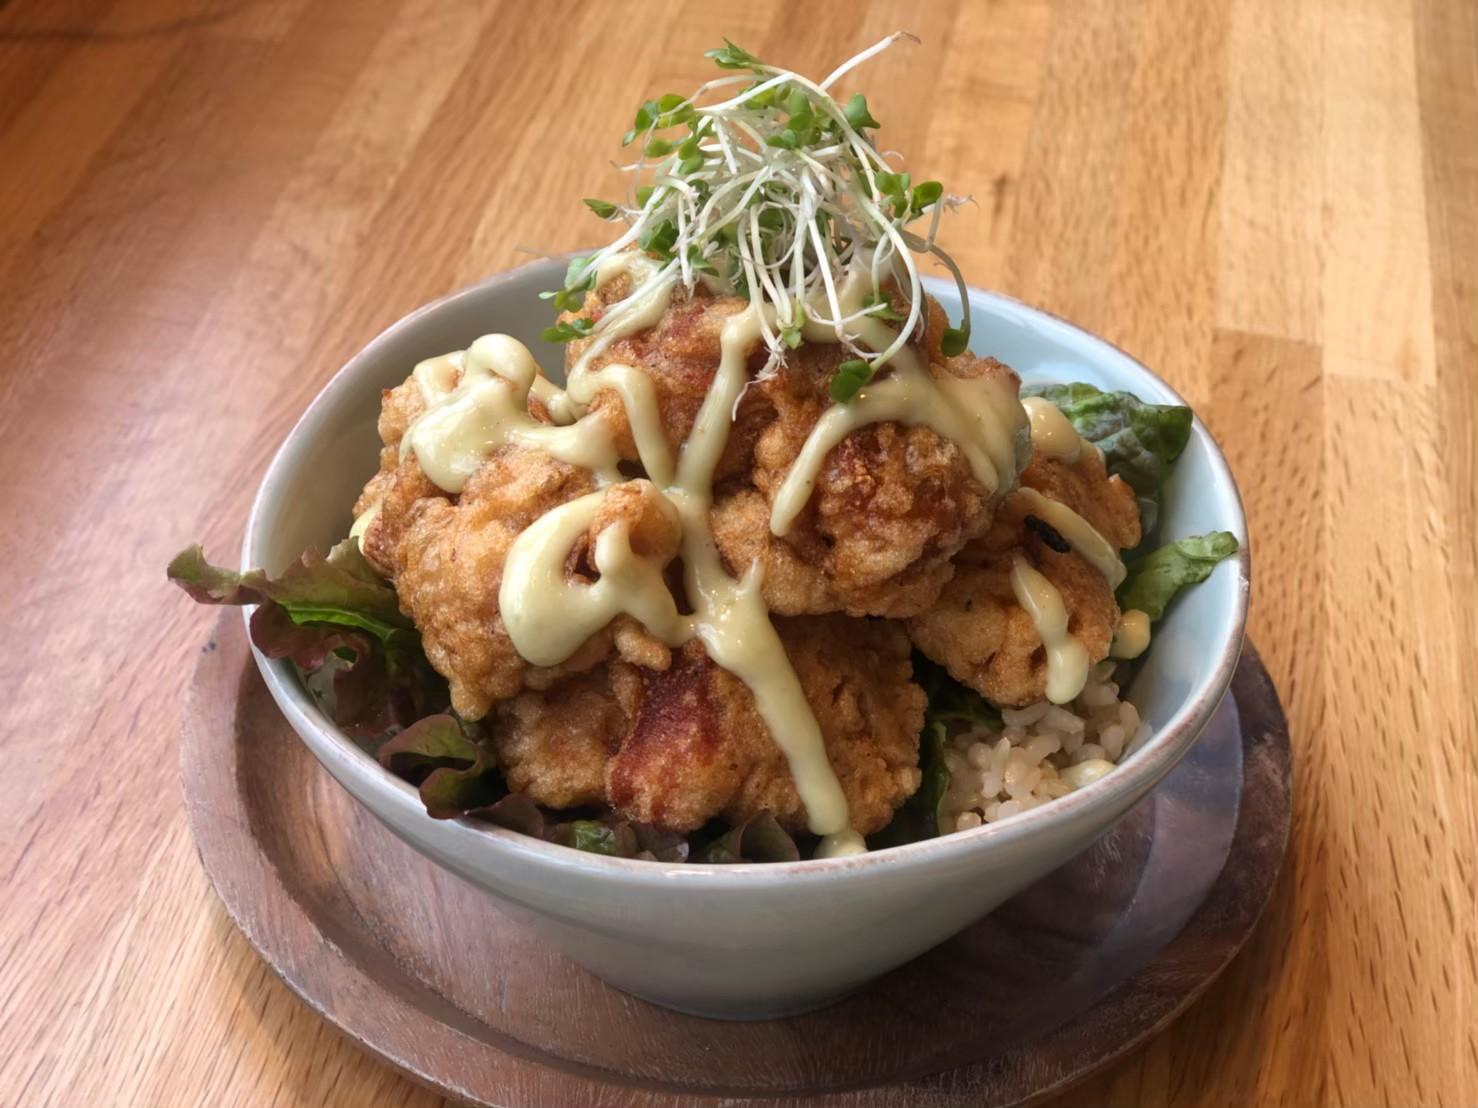 月曜日にご提供している「から揚げ(モチコ チキン)丼」。もち粉をまぶして揚げた、ハワイのローカル料理を丼にしたもの。